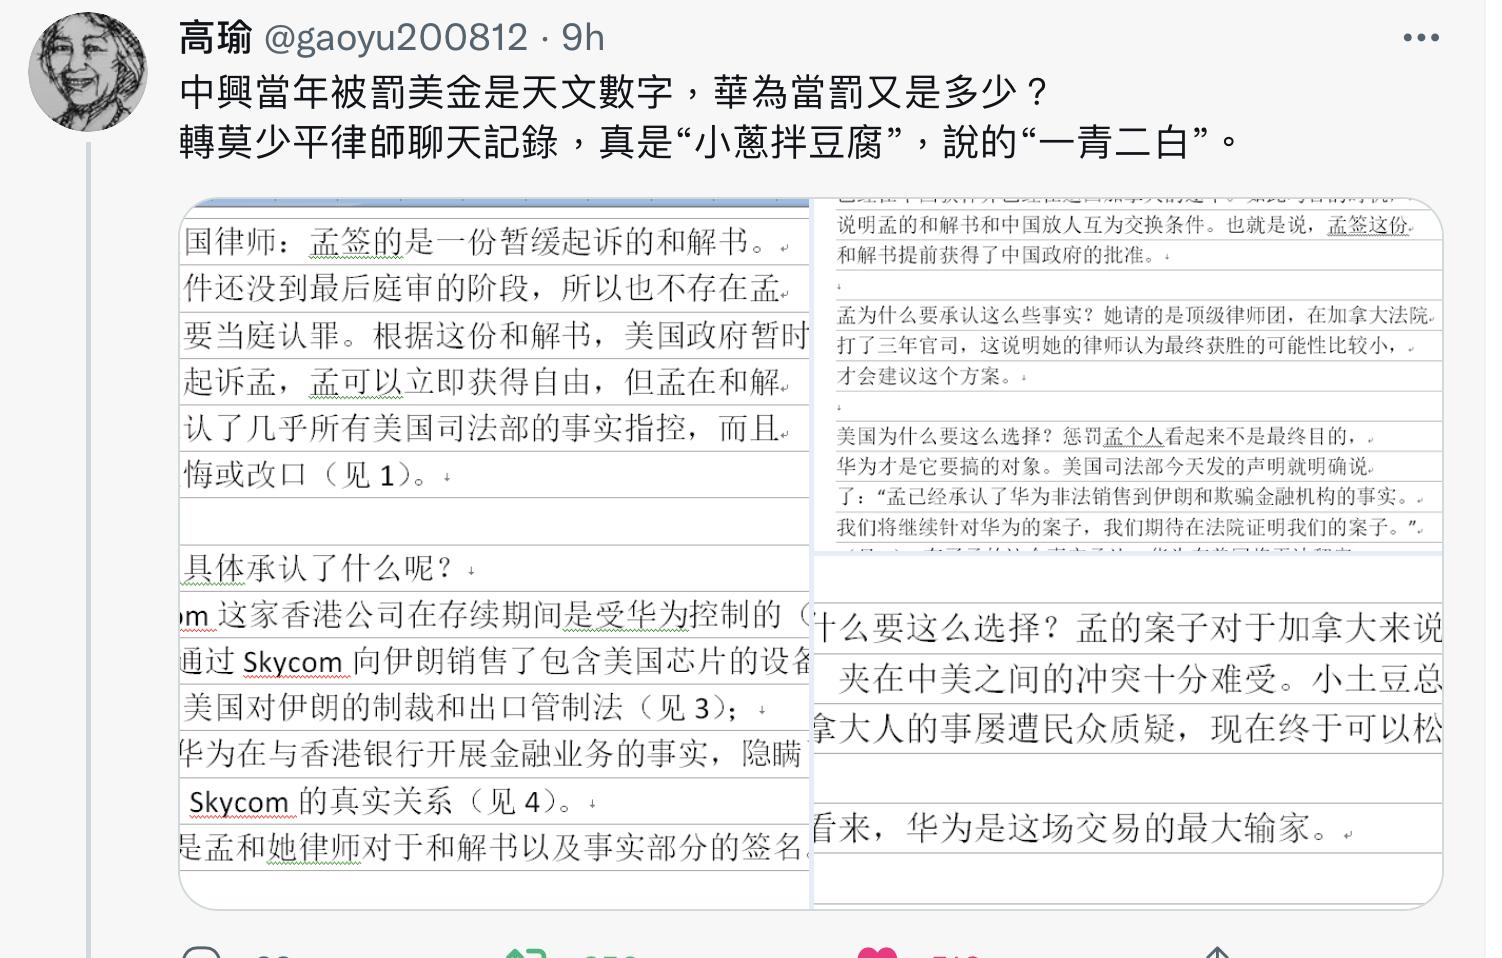 推特上資深媒體人高瑜轉發律師莫少平的聊天紀錄,對孟晚舟事件作詳細分析,認為華為是最大輸家。(網絡截圖)